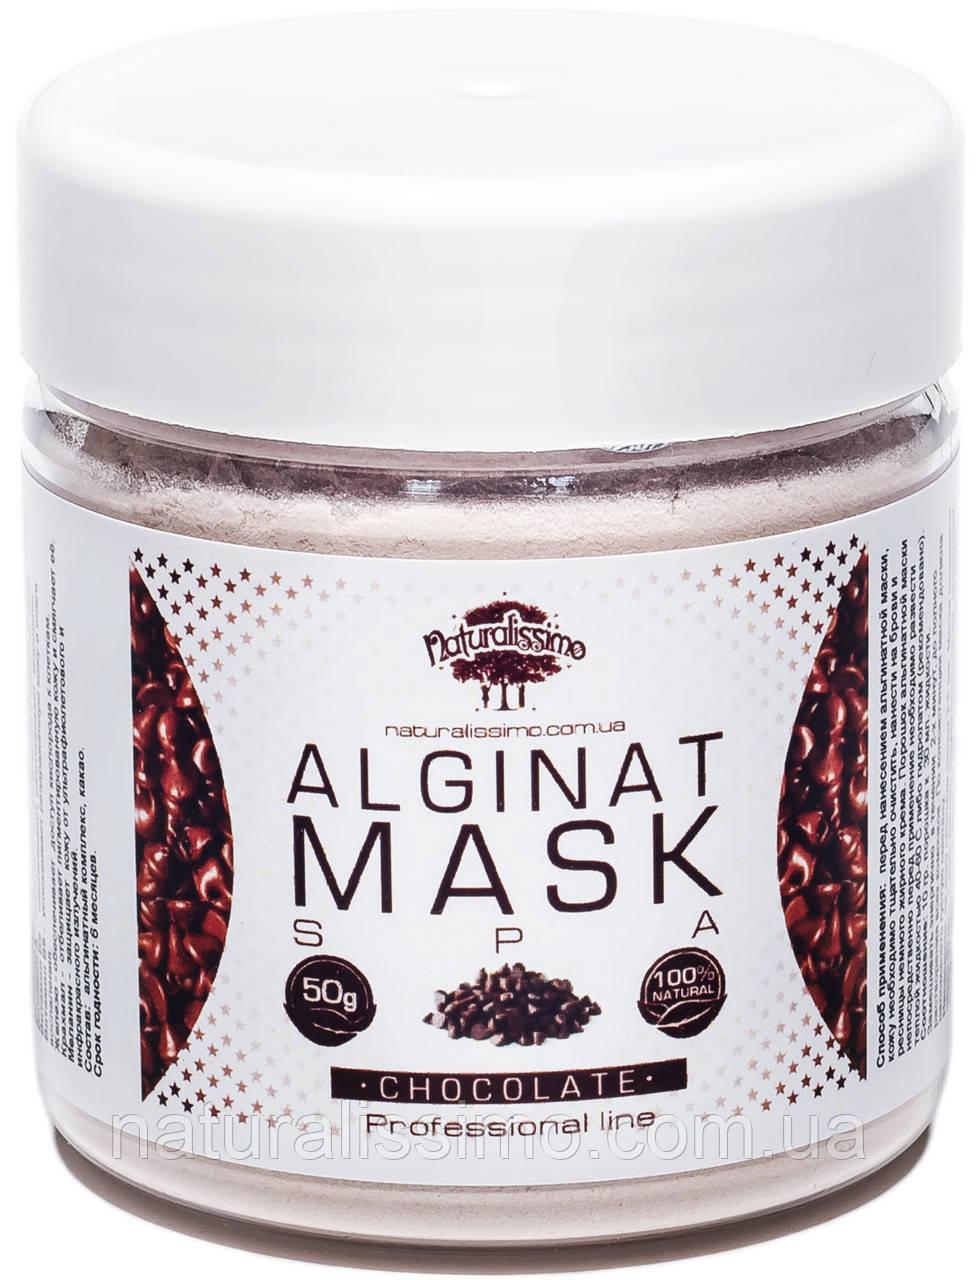 Альгинатная маска с шоколадом, 50 г